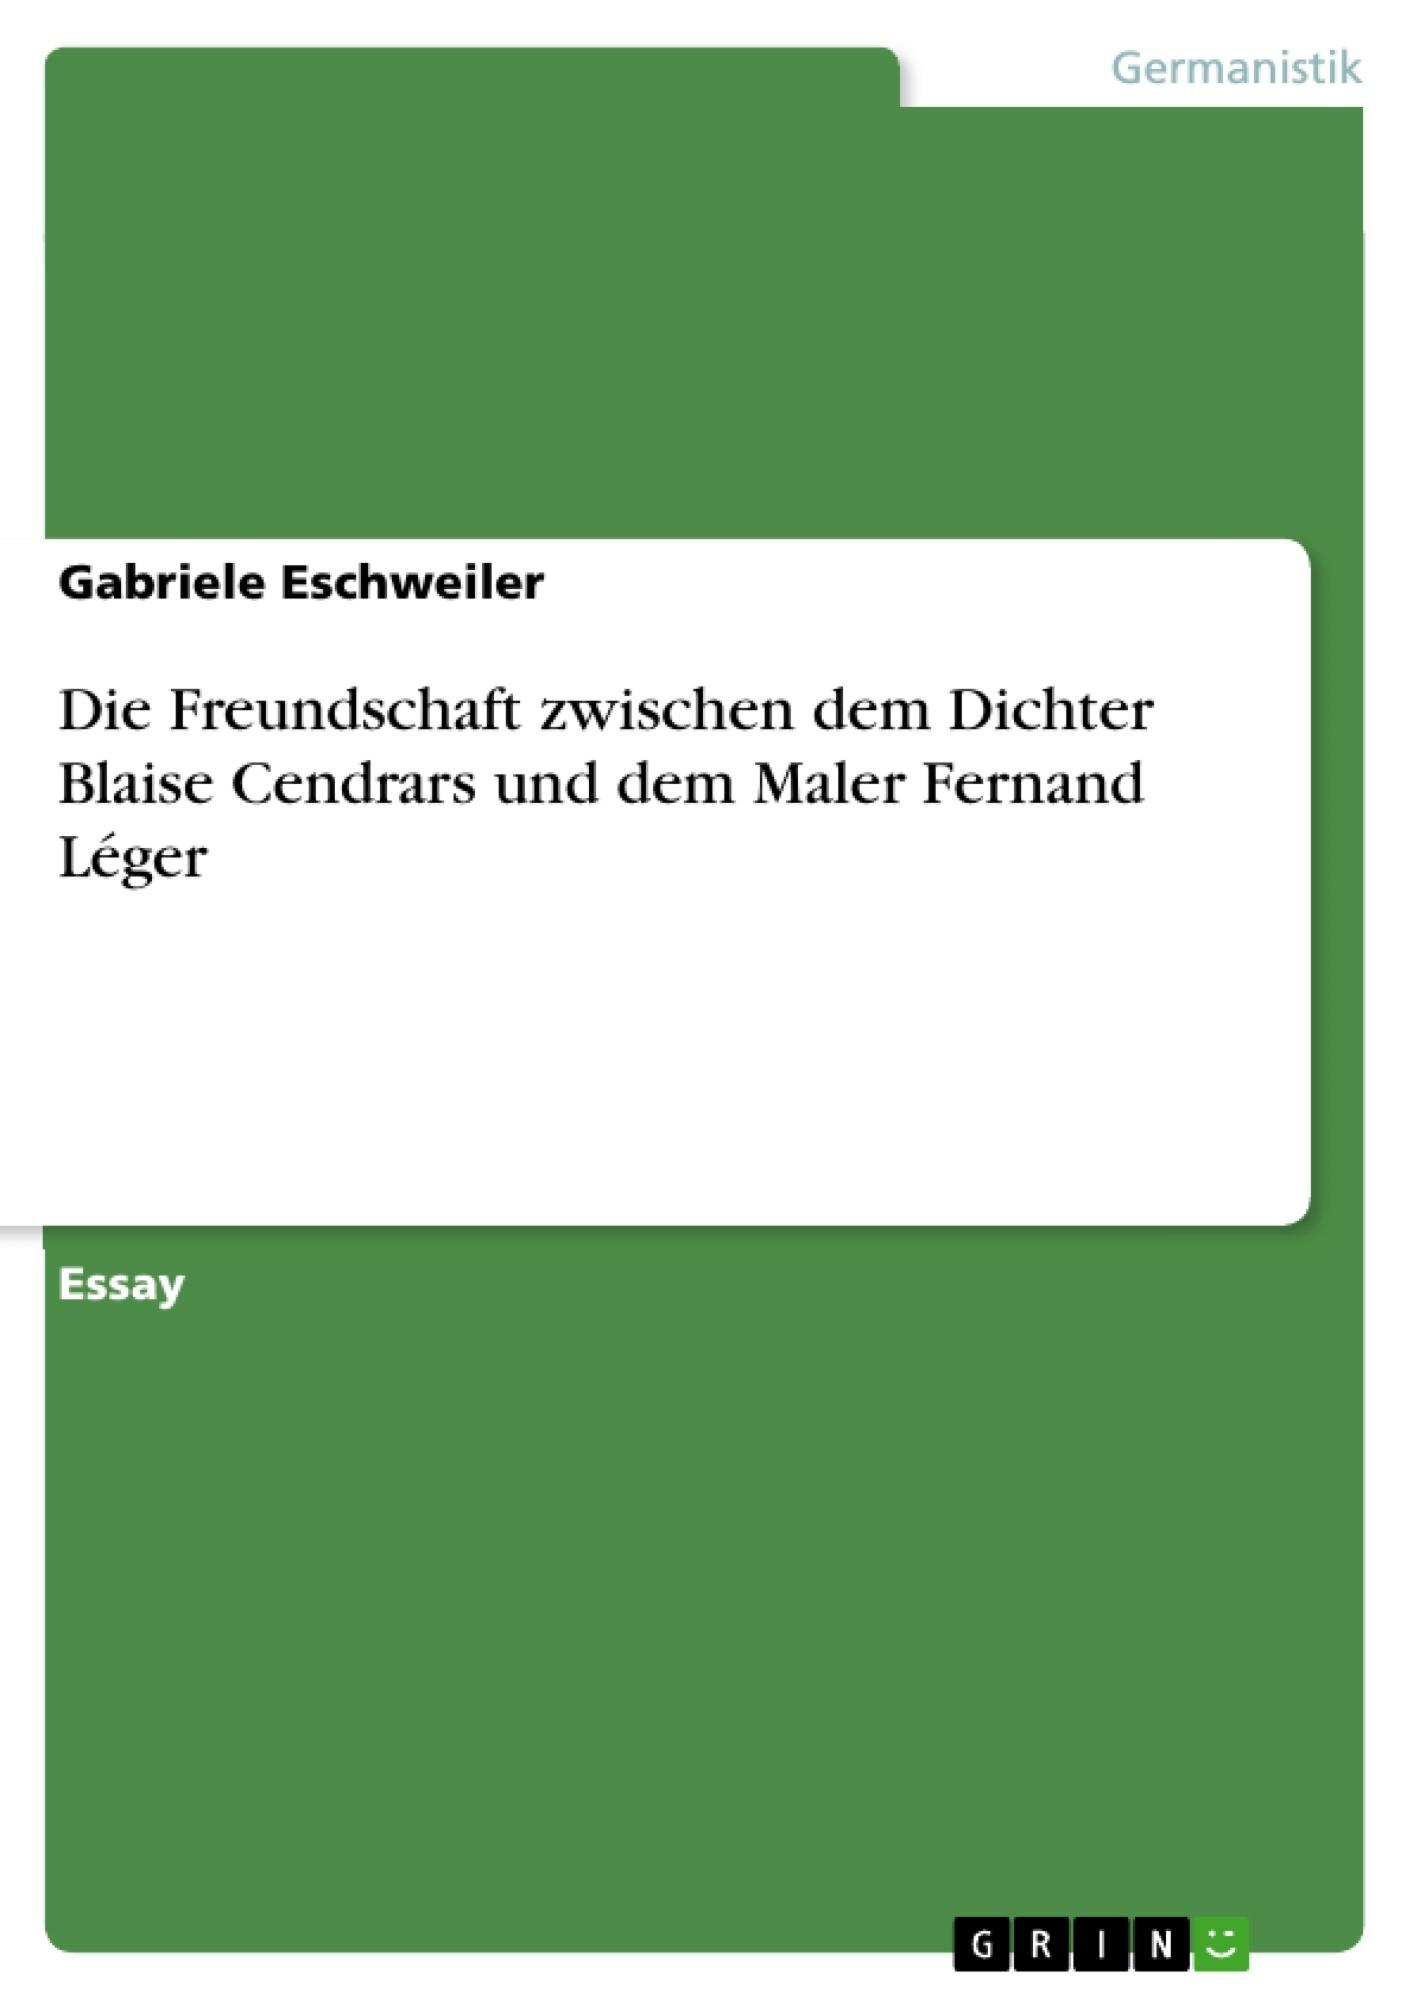 Titel: Die Freundschaft zwischen dem Dichter Blaise Cendrars und dem Maler Fernand Léger